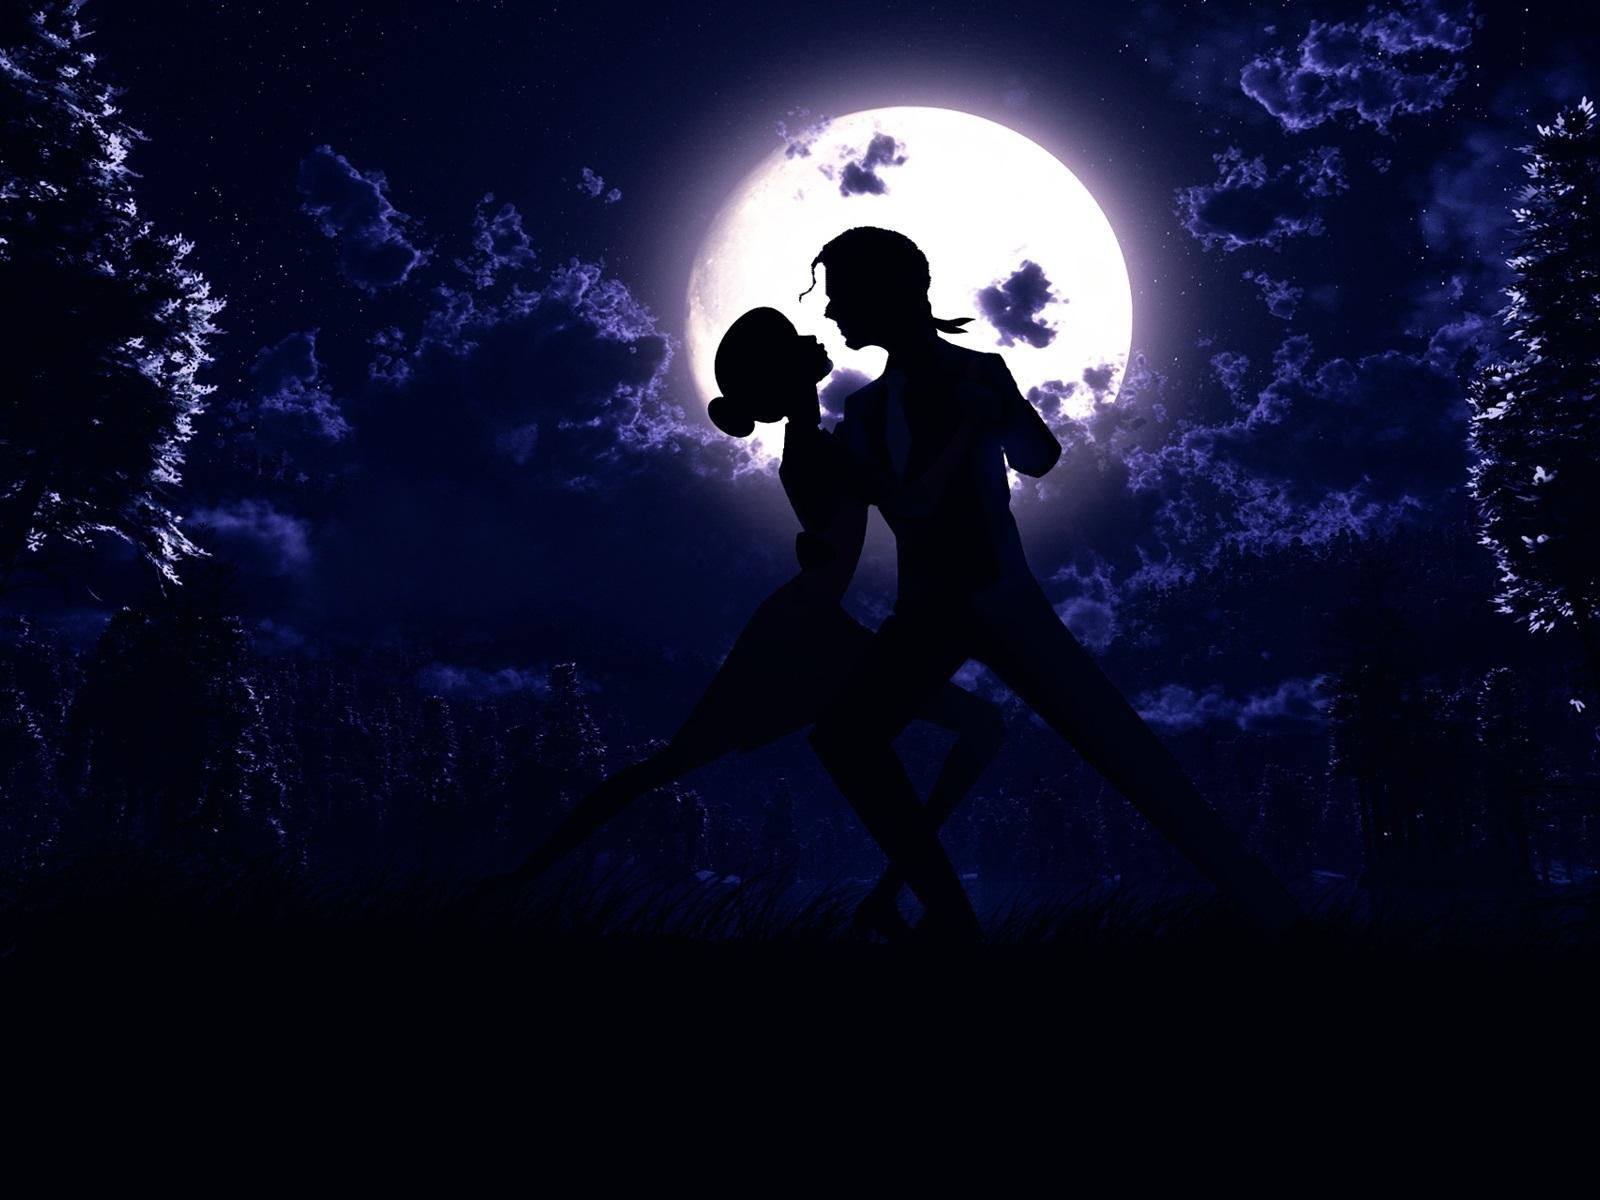 вариант инджеста картинки танцы под луной так